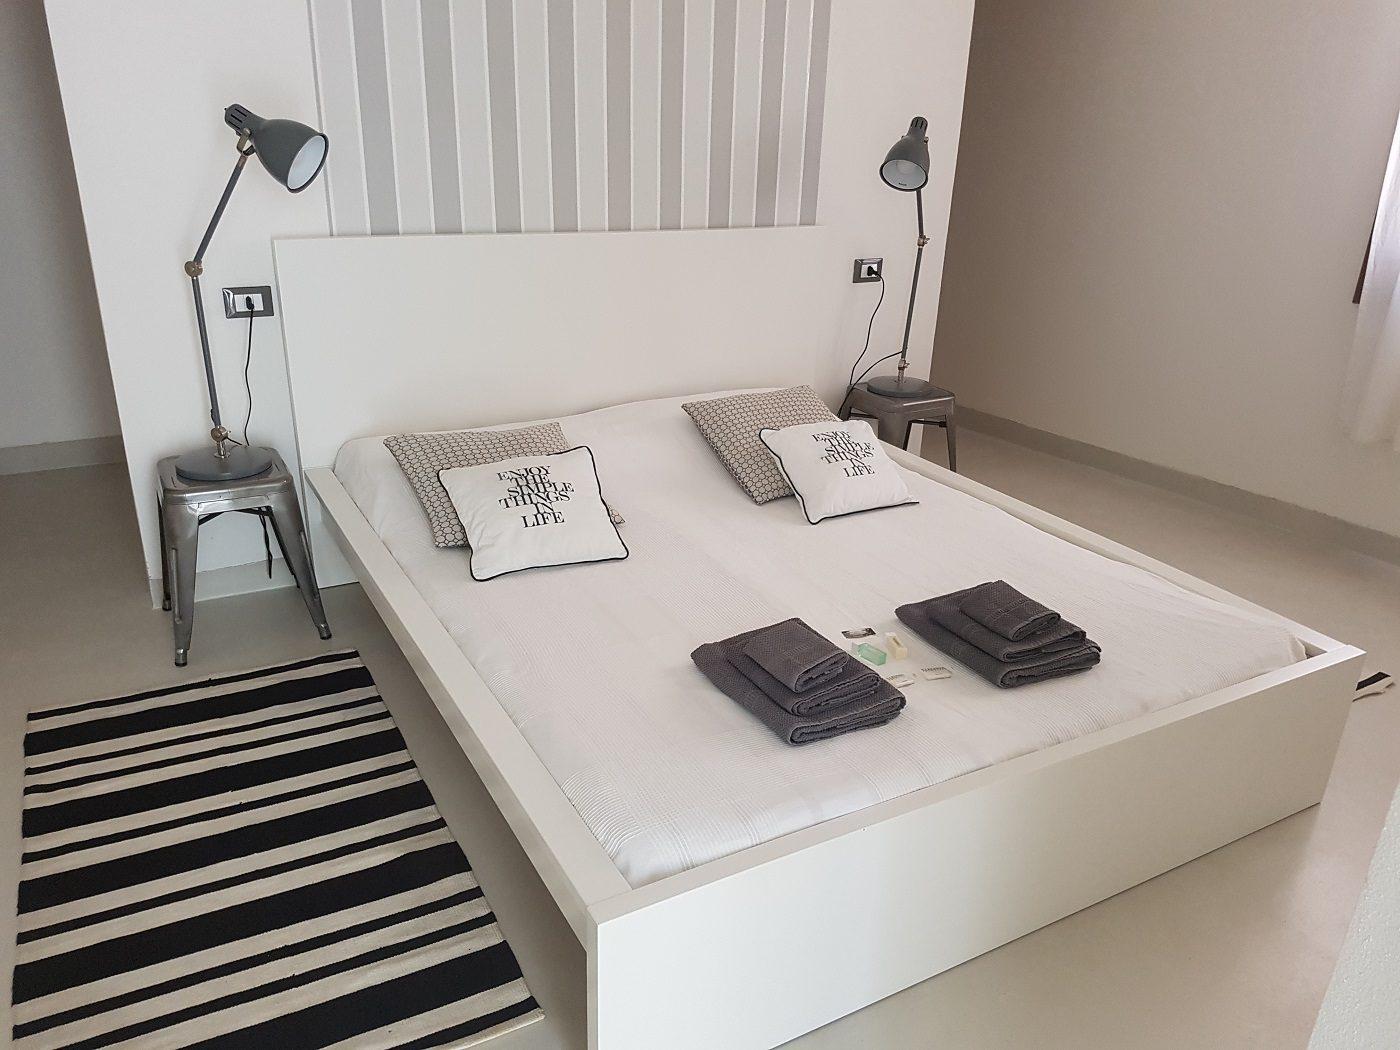 familienurlaub 3 in 1 altstadthaus auf sardinien daddylicious. Black Bedroom Furniture Sets. Home Design Ideas